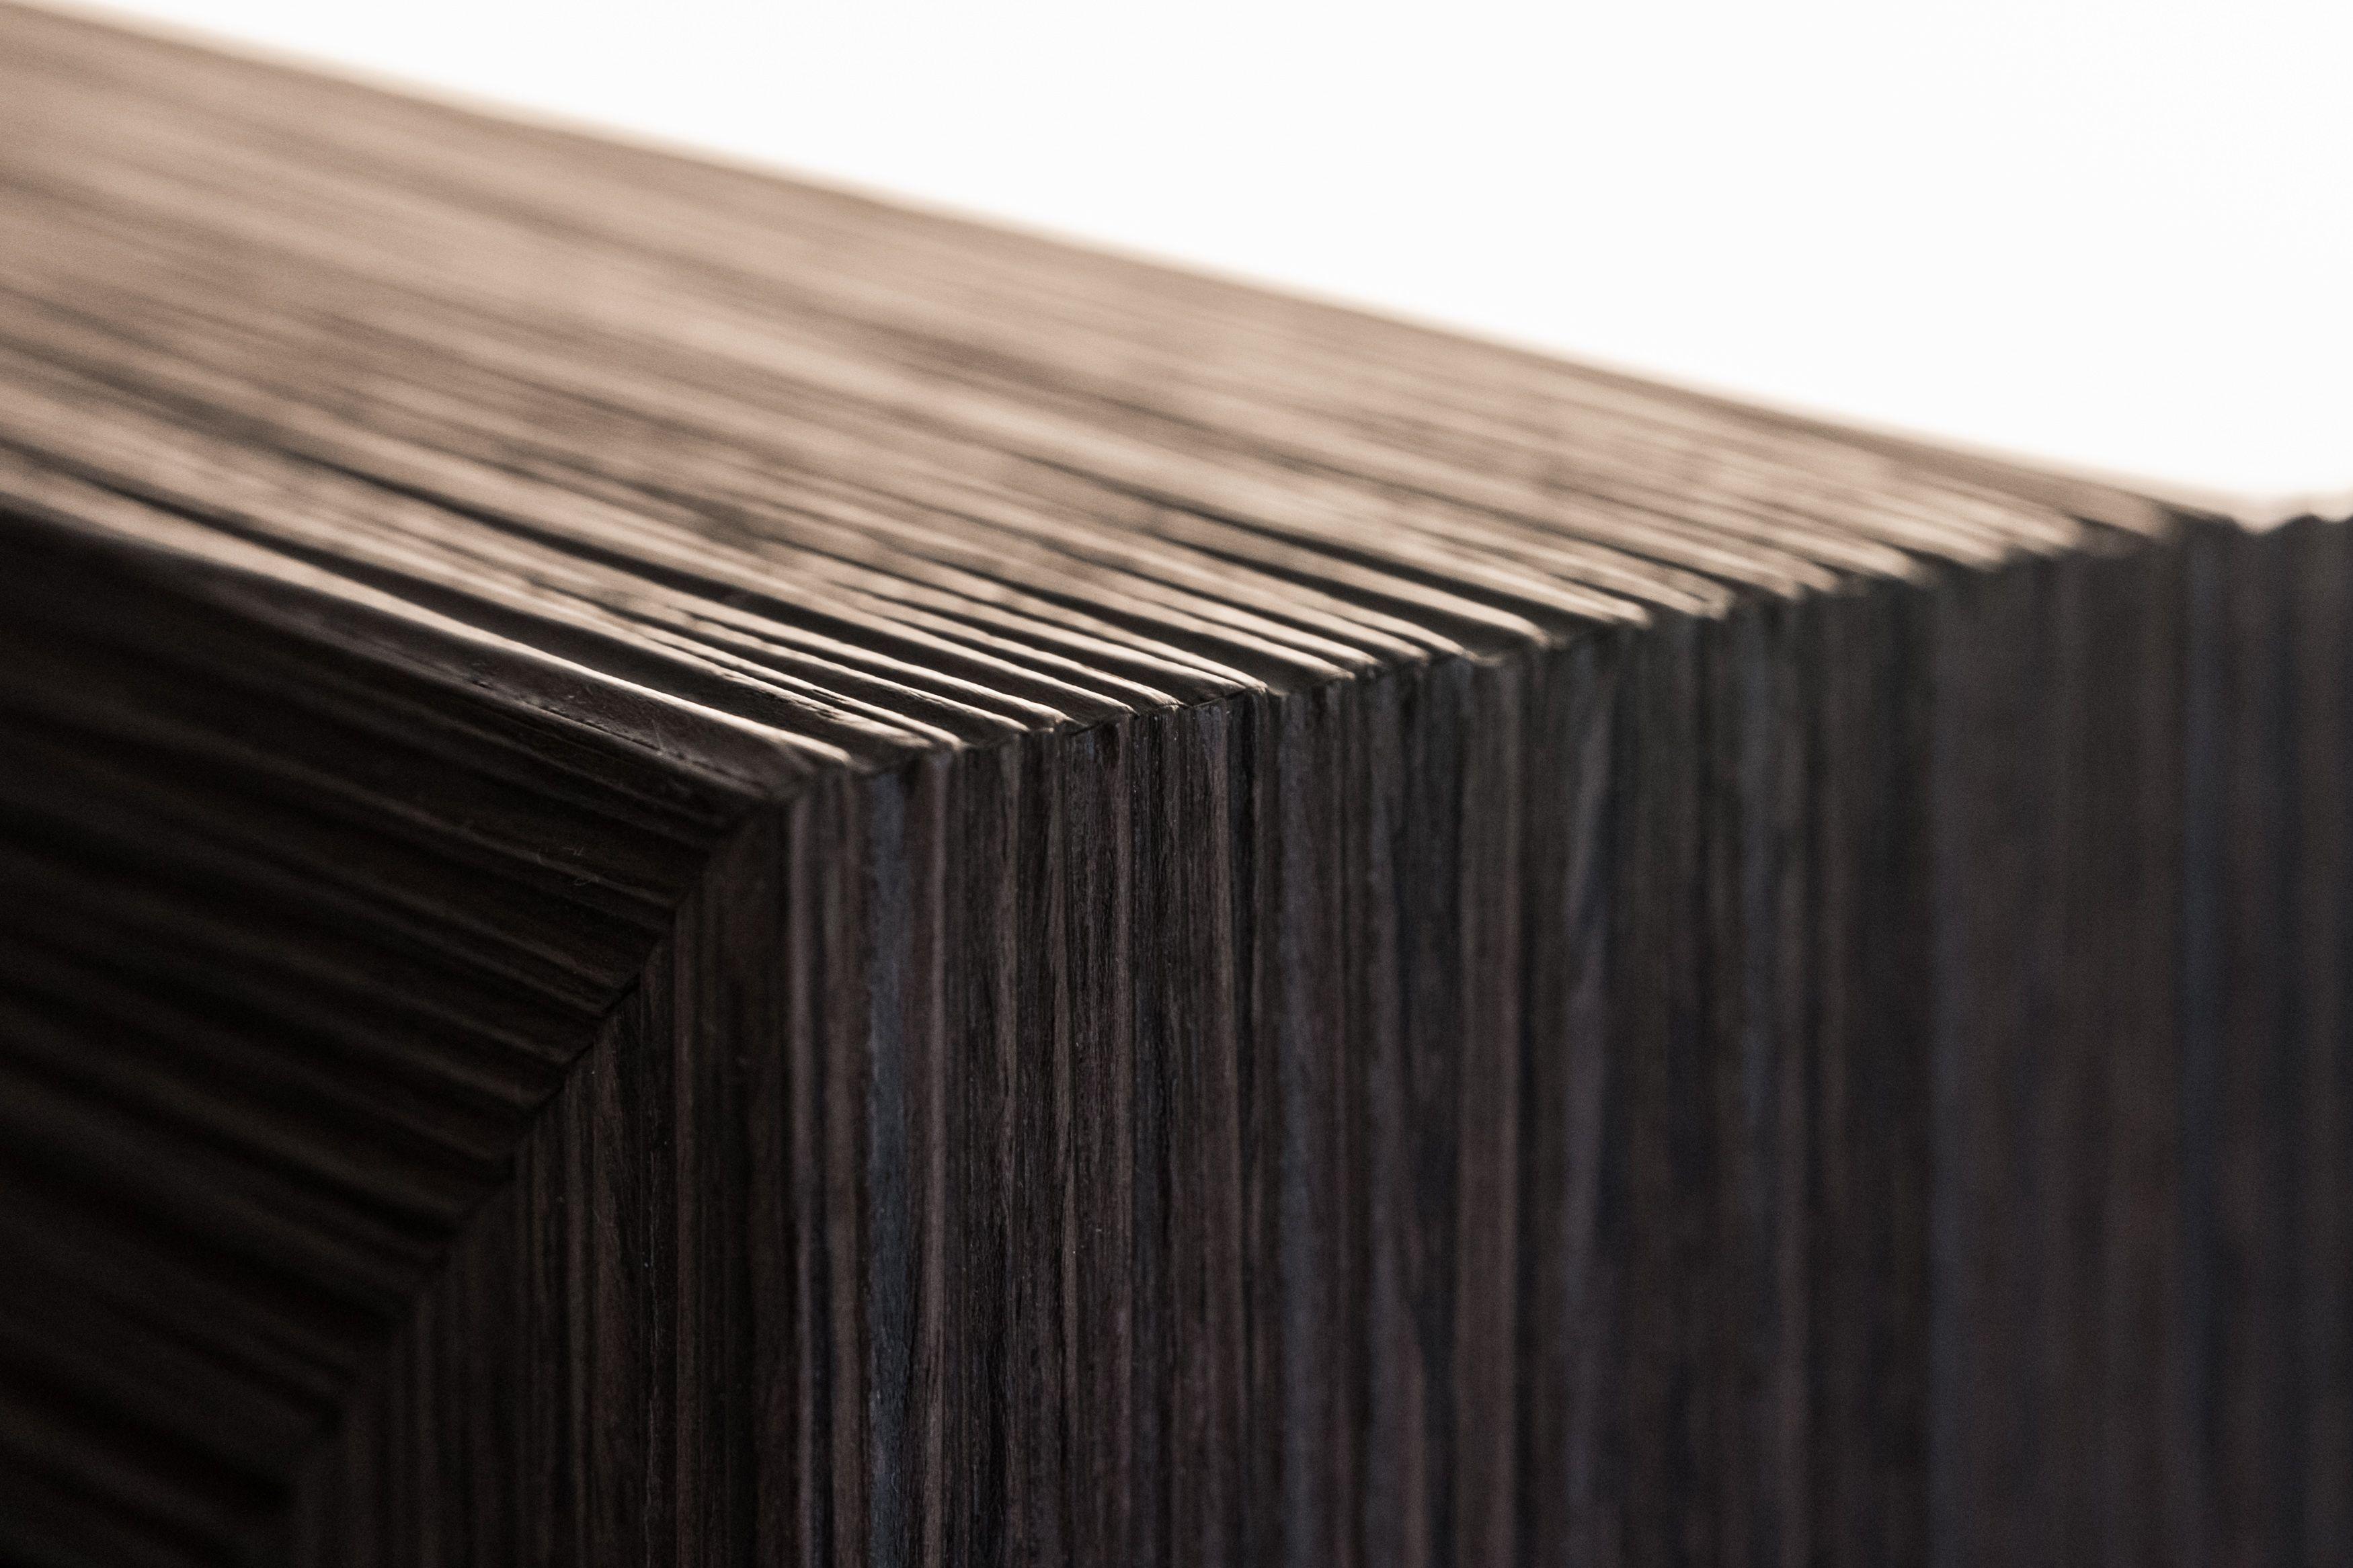 Schränke, Türen und Wände in Eiche geräuchert | Innenausbau | Pinterest